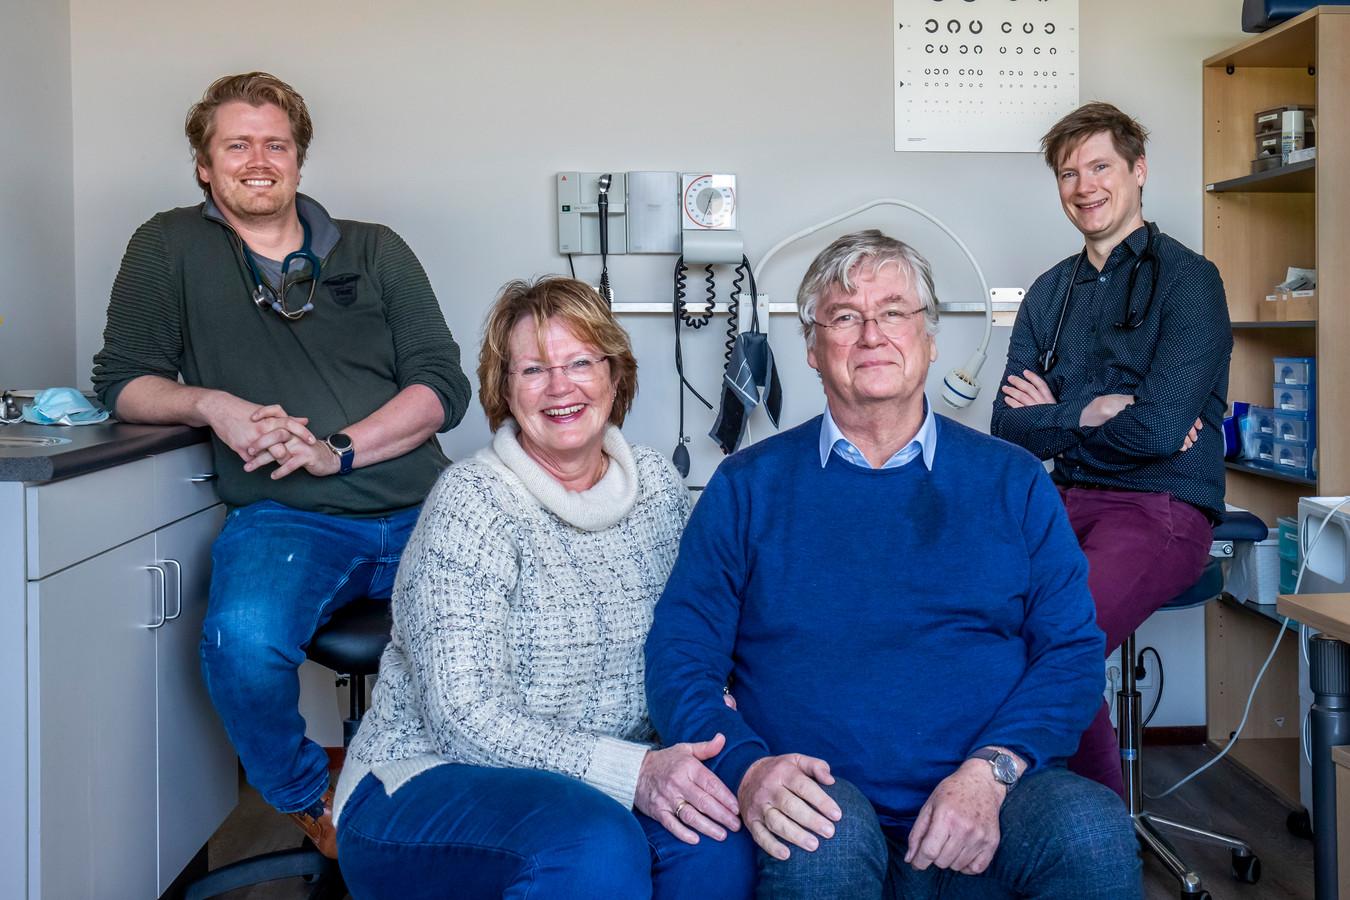 Huisartsen Anneke en Hilco Nijdam (65 en 64) nemen afscheid. Hun zoons Chris (34, links) en Sander (32) nemen de praktijk over.